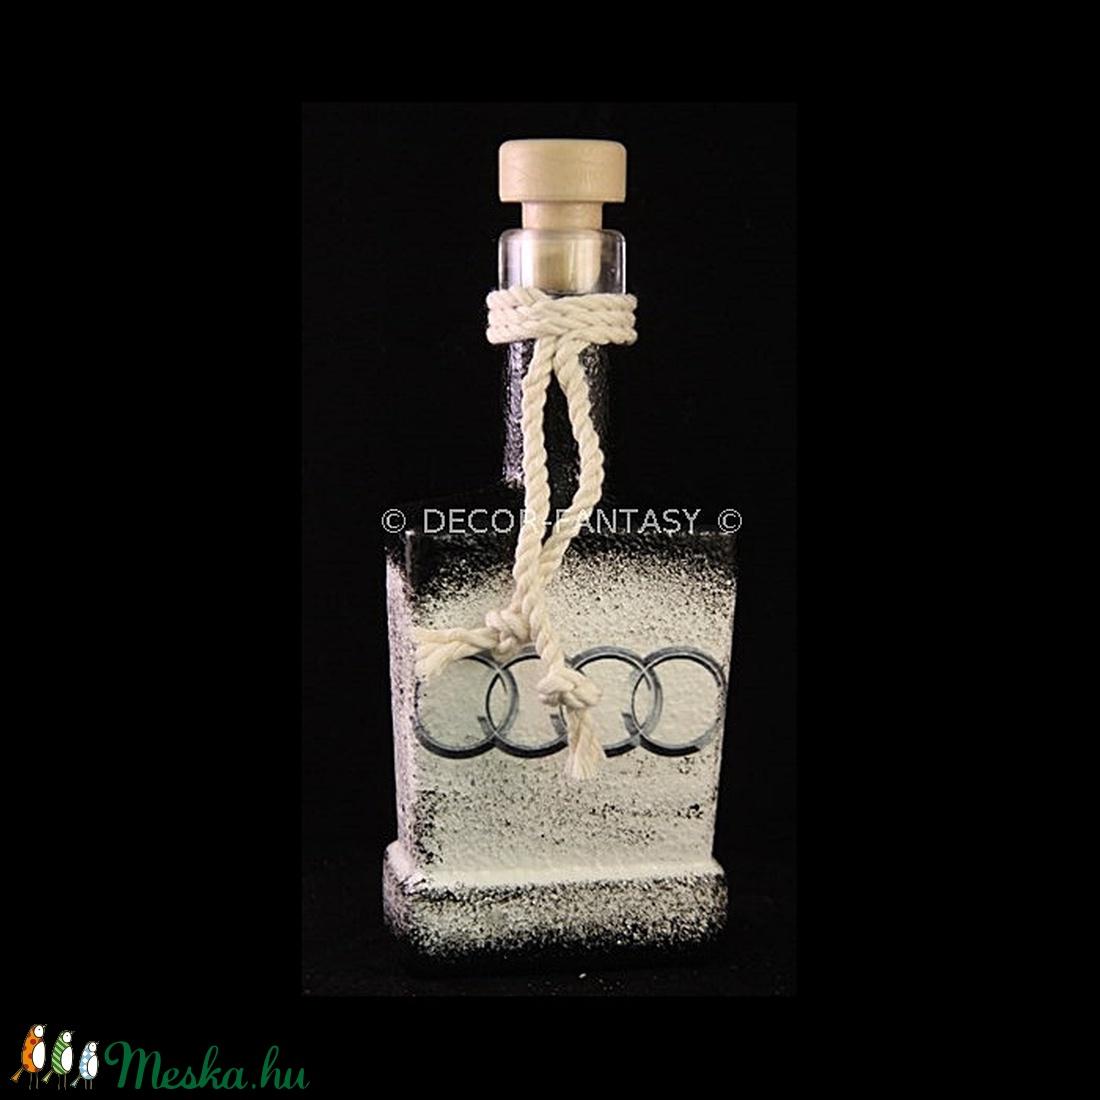 AUDI   emblémával díszített  dugós üveg  ( 0,2 l )  (decorfantasy) - Meska.hu